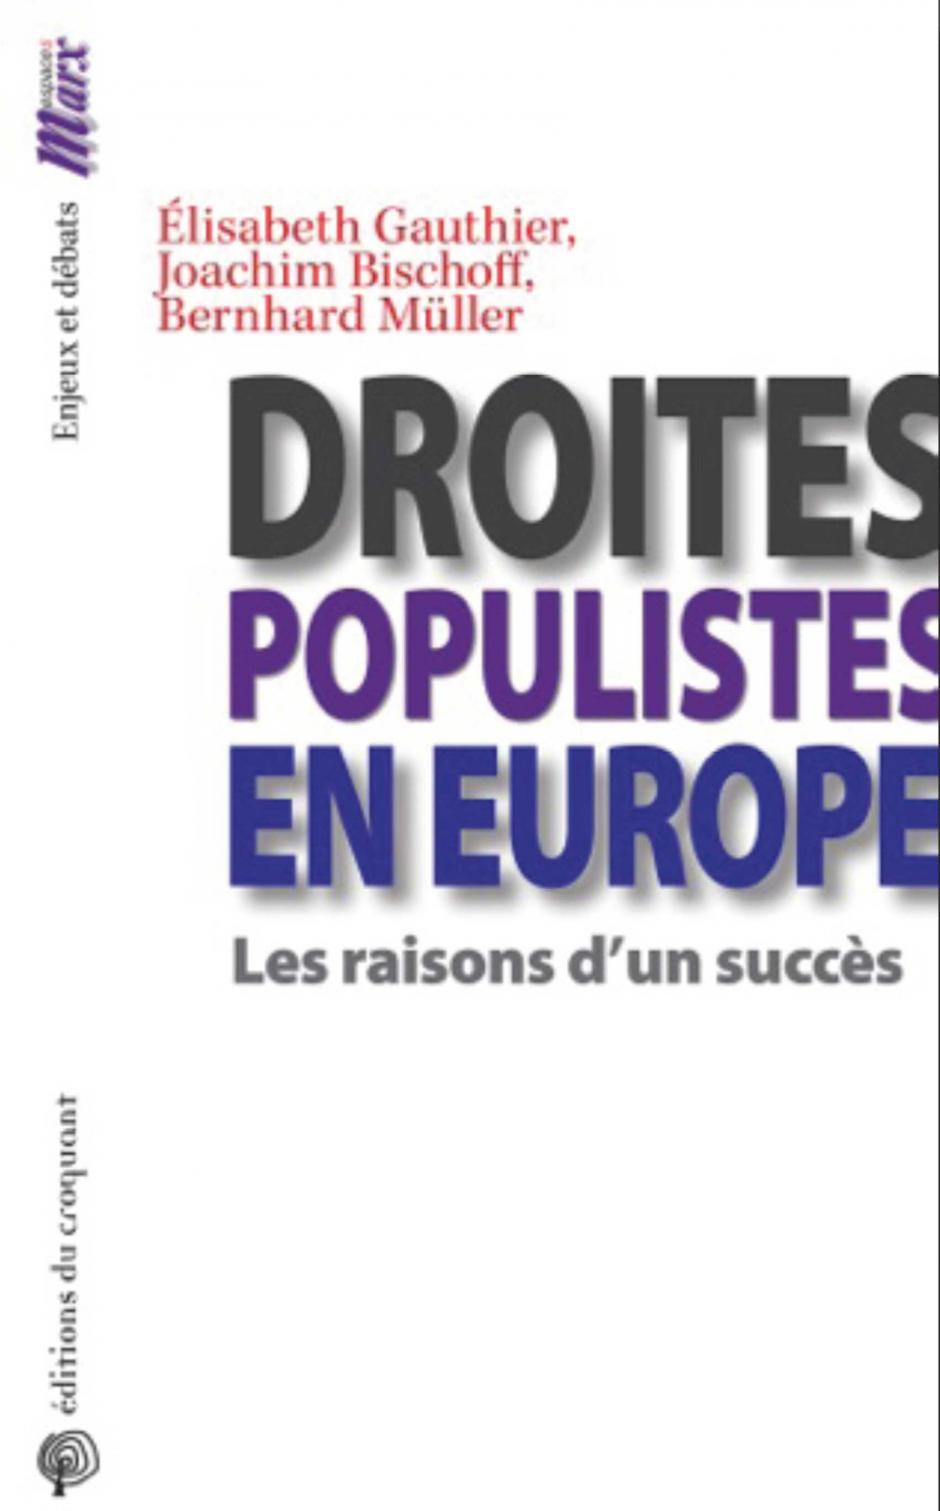 Droites populistes en Europe, Elisabeth Gauthier, Joachim Bischoff et Bernhard Müller